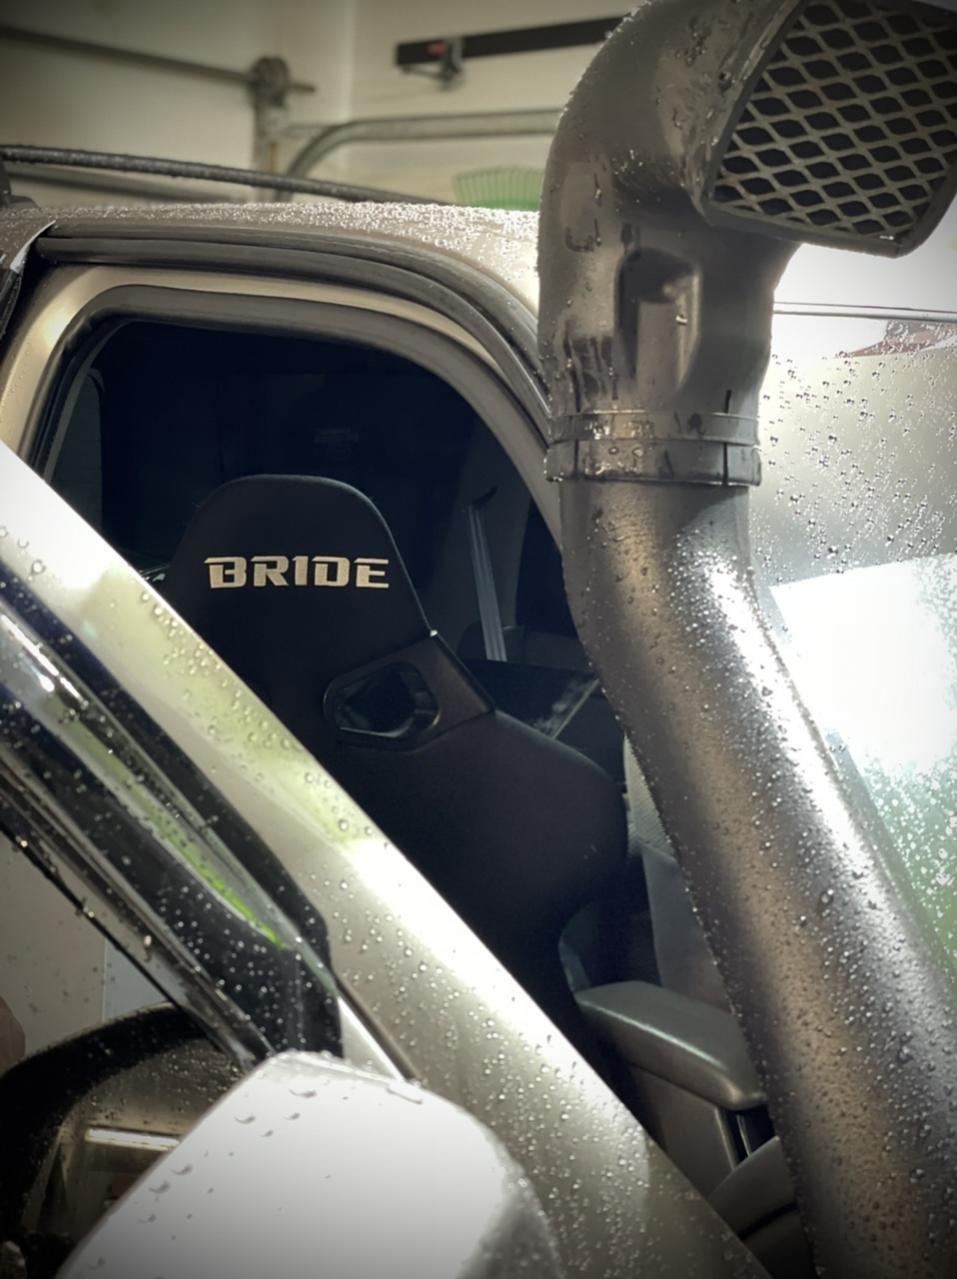 BRIDE Vorga seats installed-c6f9c6a5-9265-4cd6-849d-65de722d83f6-jpg